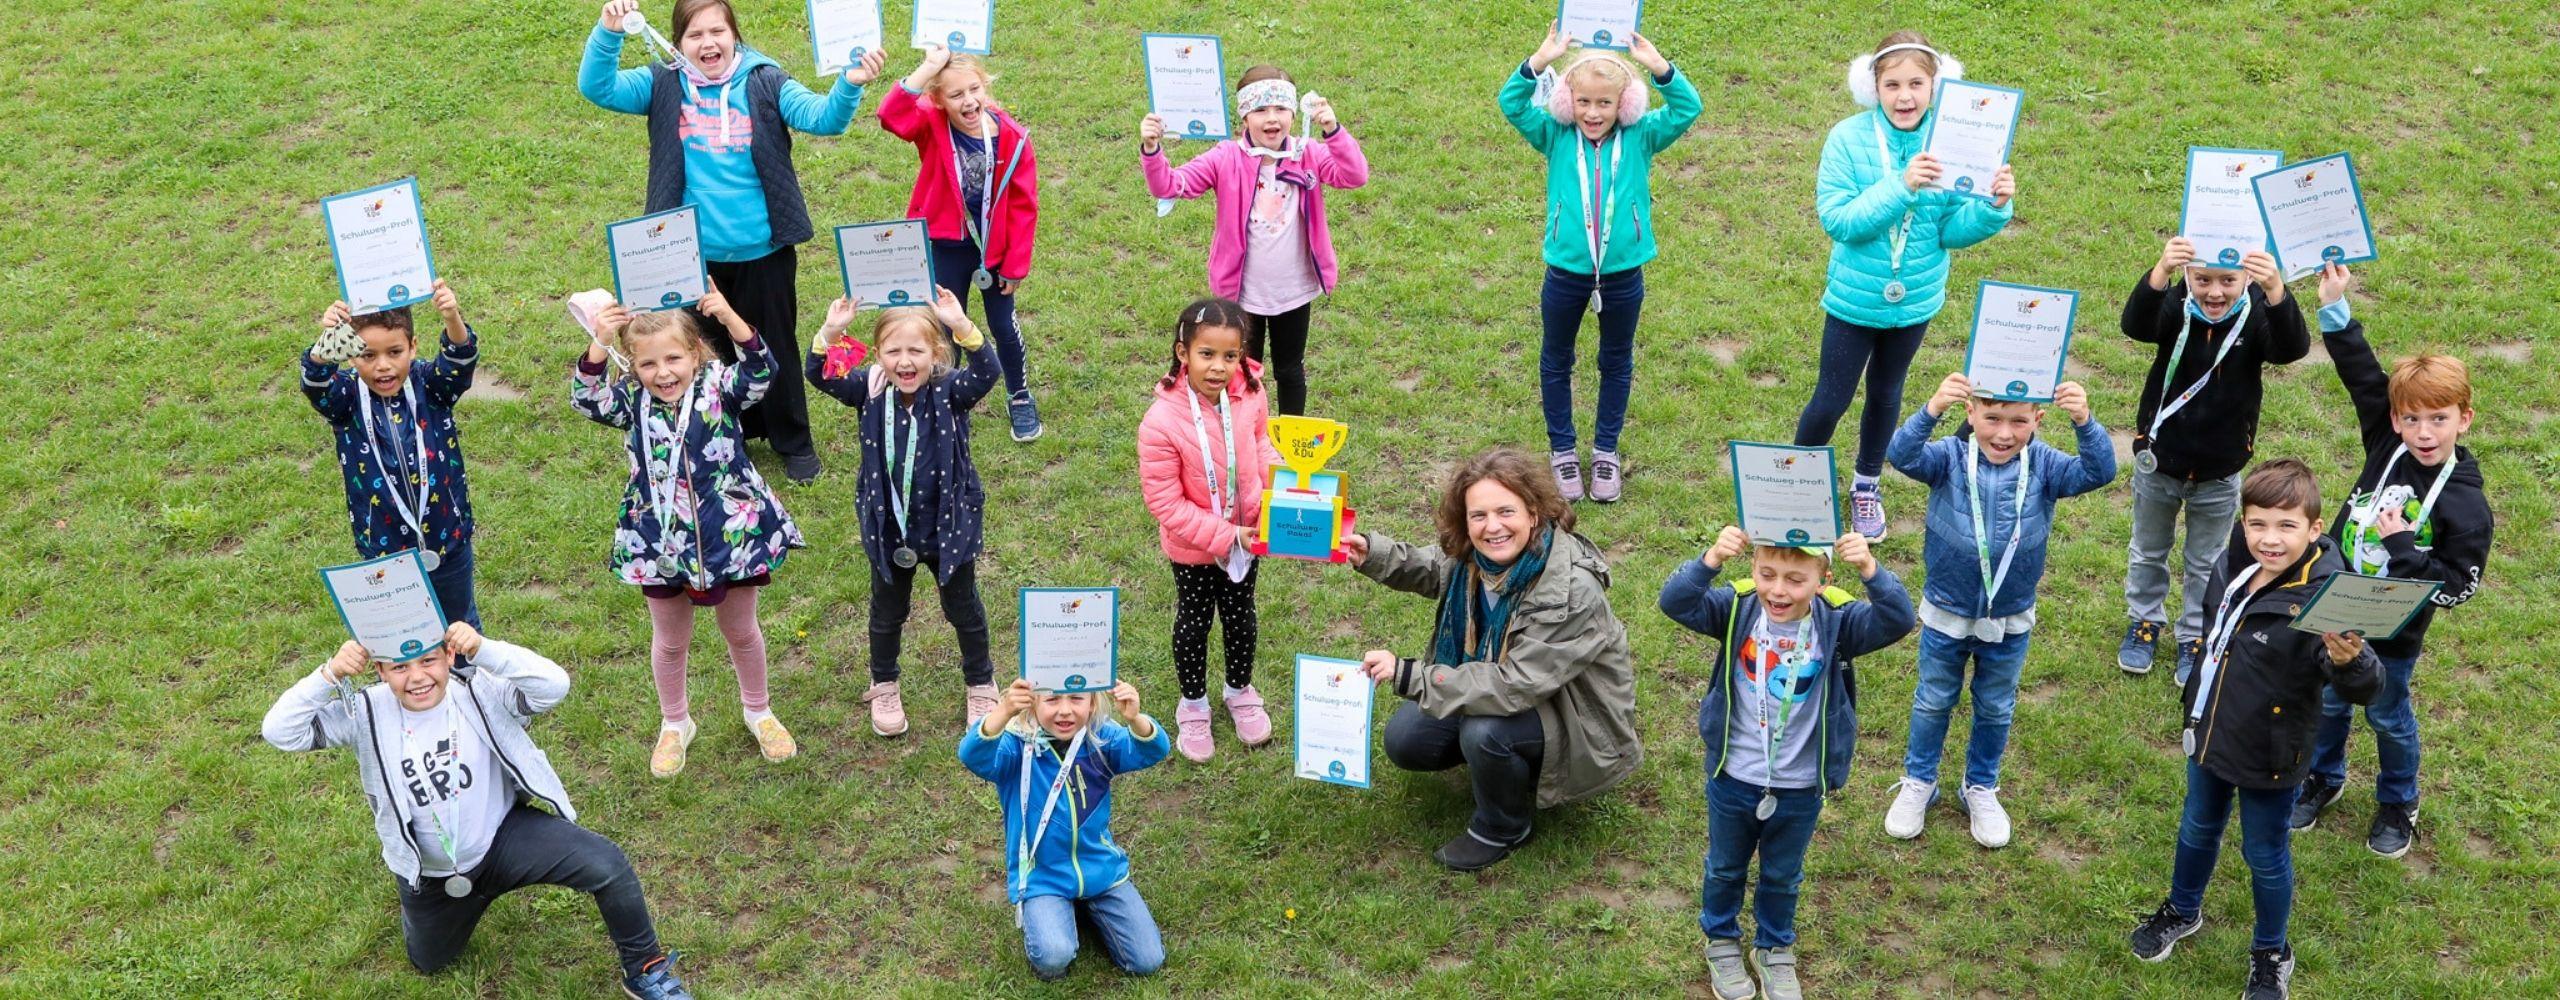 Kinder der GTVS Wulzendorfgasse mit ihren Urkunden und dem Pokal von